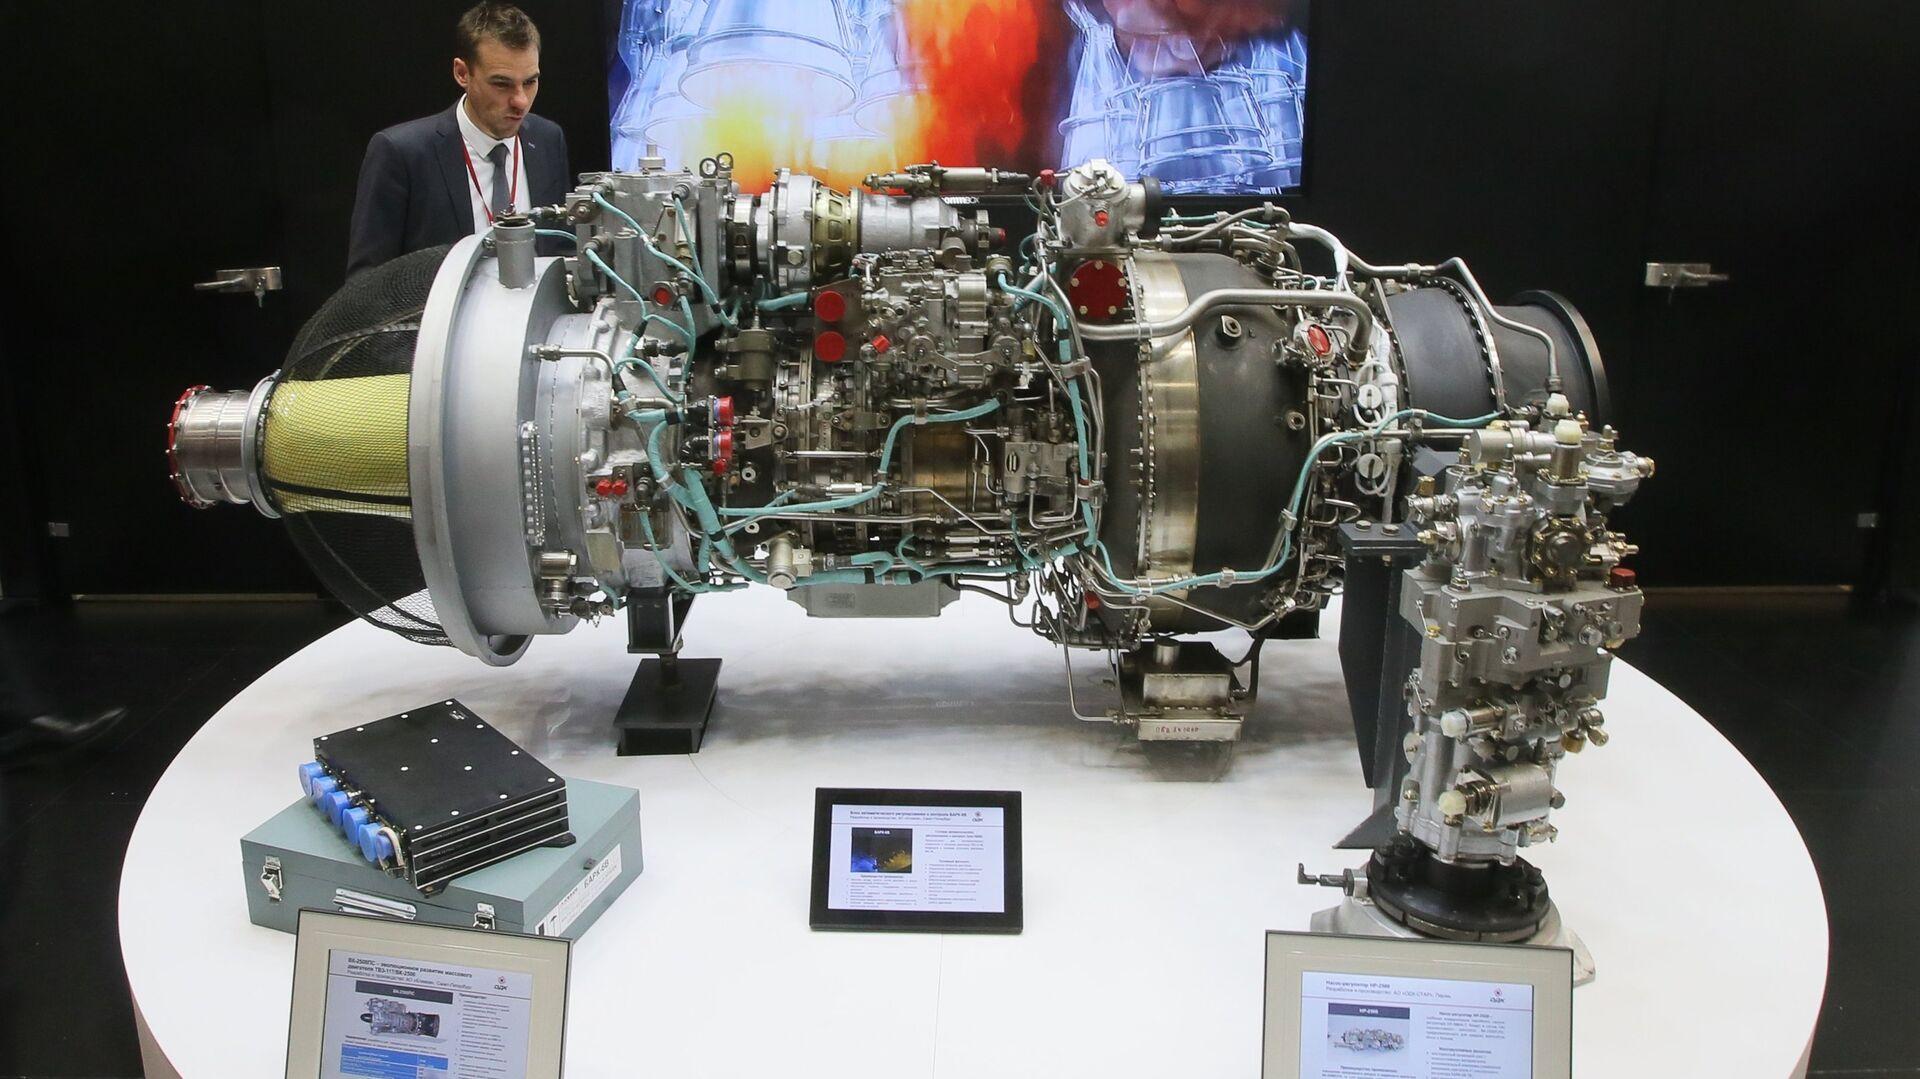 Двигатель ВК-2500ПС и блок автоматического регулирования и контроля БАРК-6В на выставке - РИА Новости, 1920, 20.04.2020